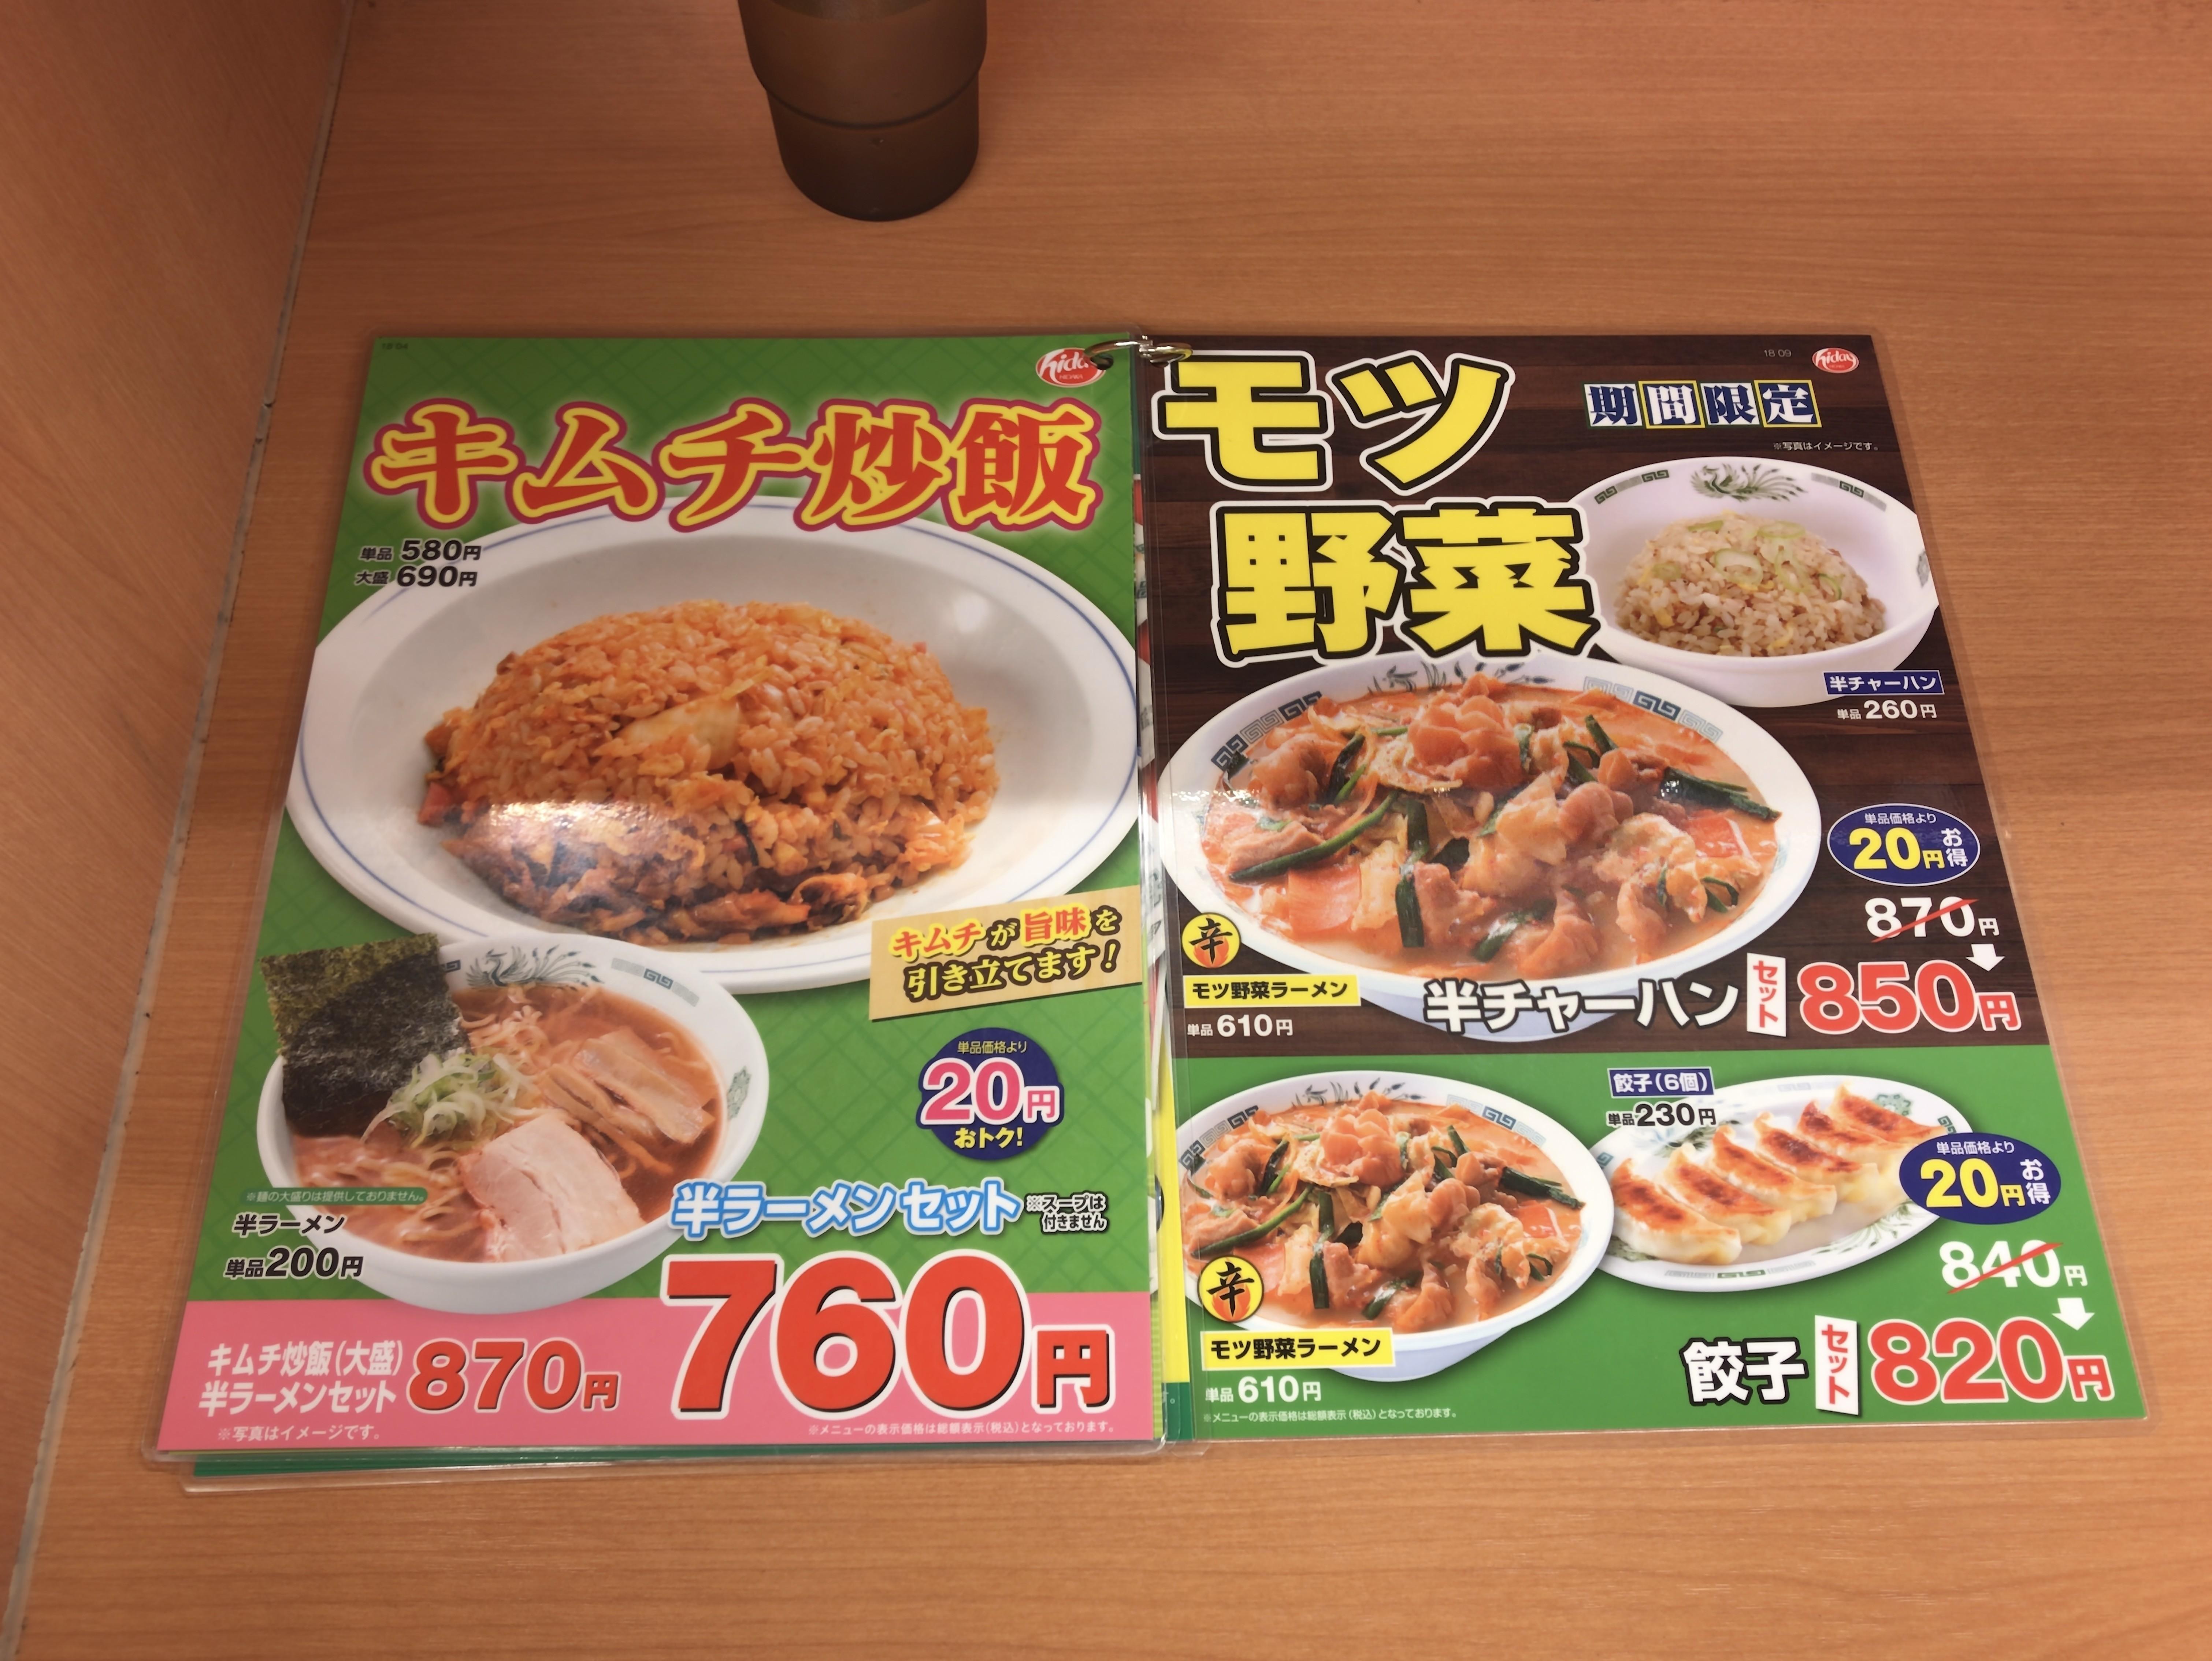 日高屋 モツ野菜ラーメン キムチ炒飯 メニュー 三軒茶屋店